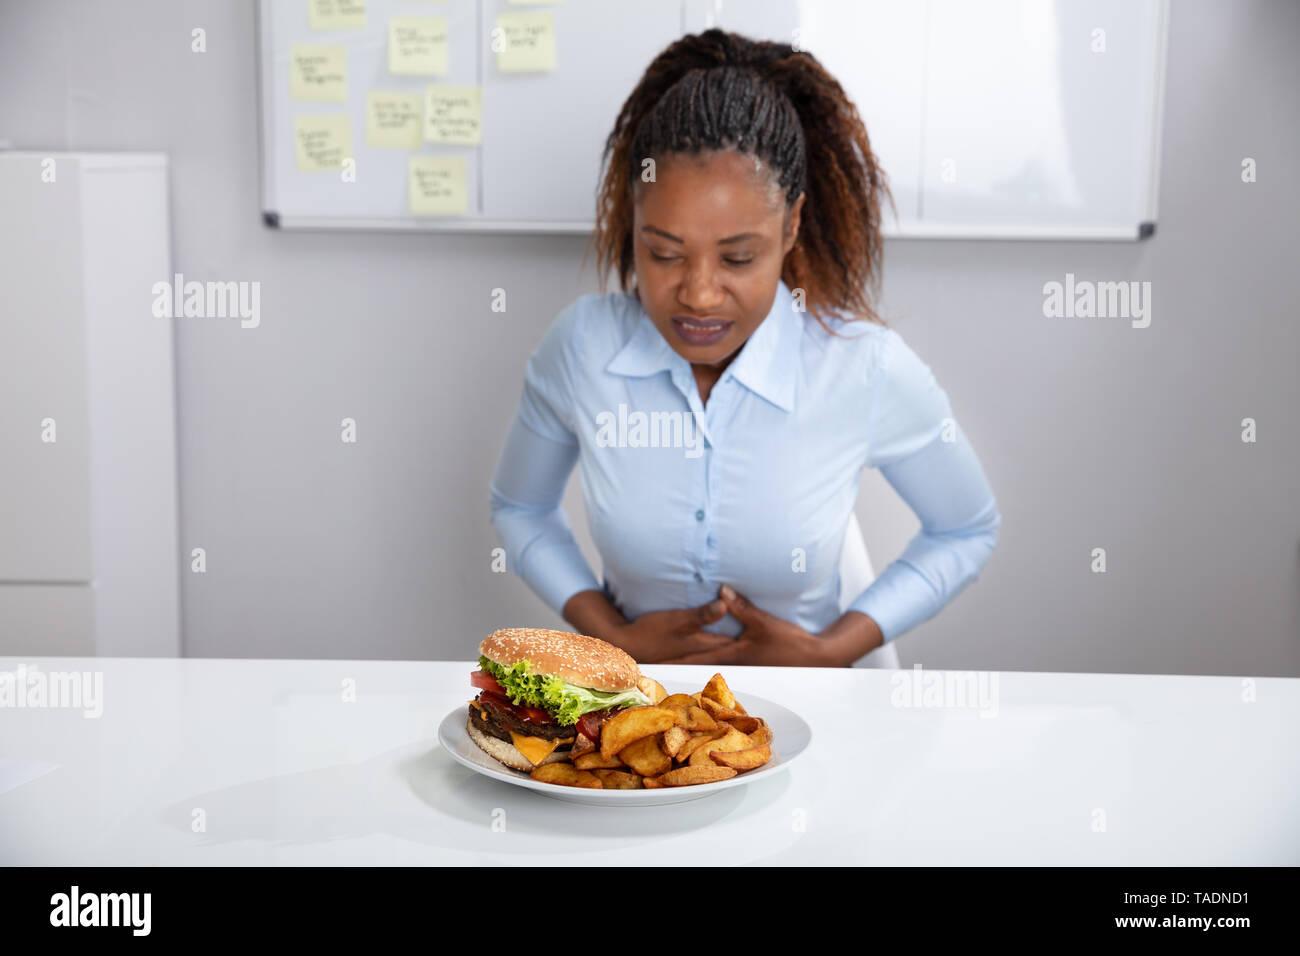 Jeune femme souffrant de douleurs à l'estomac pendant le petit-déjeuner Banque D'Images